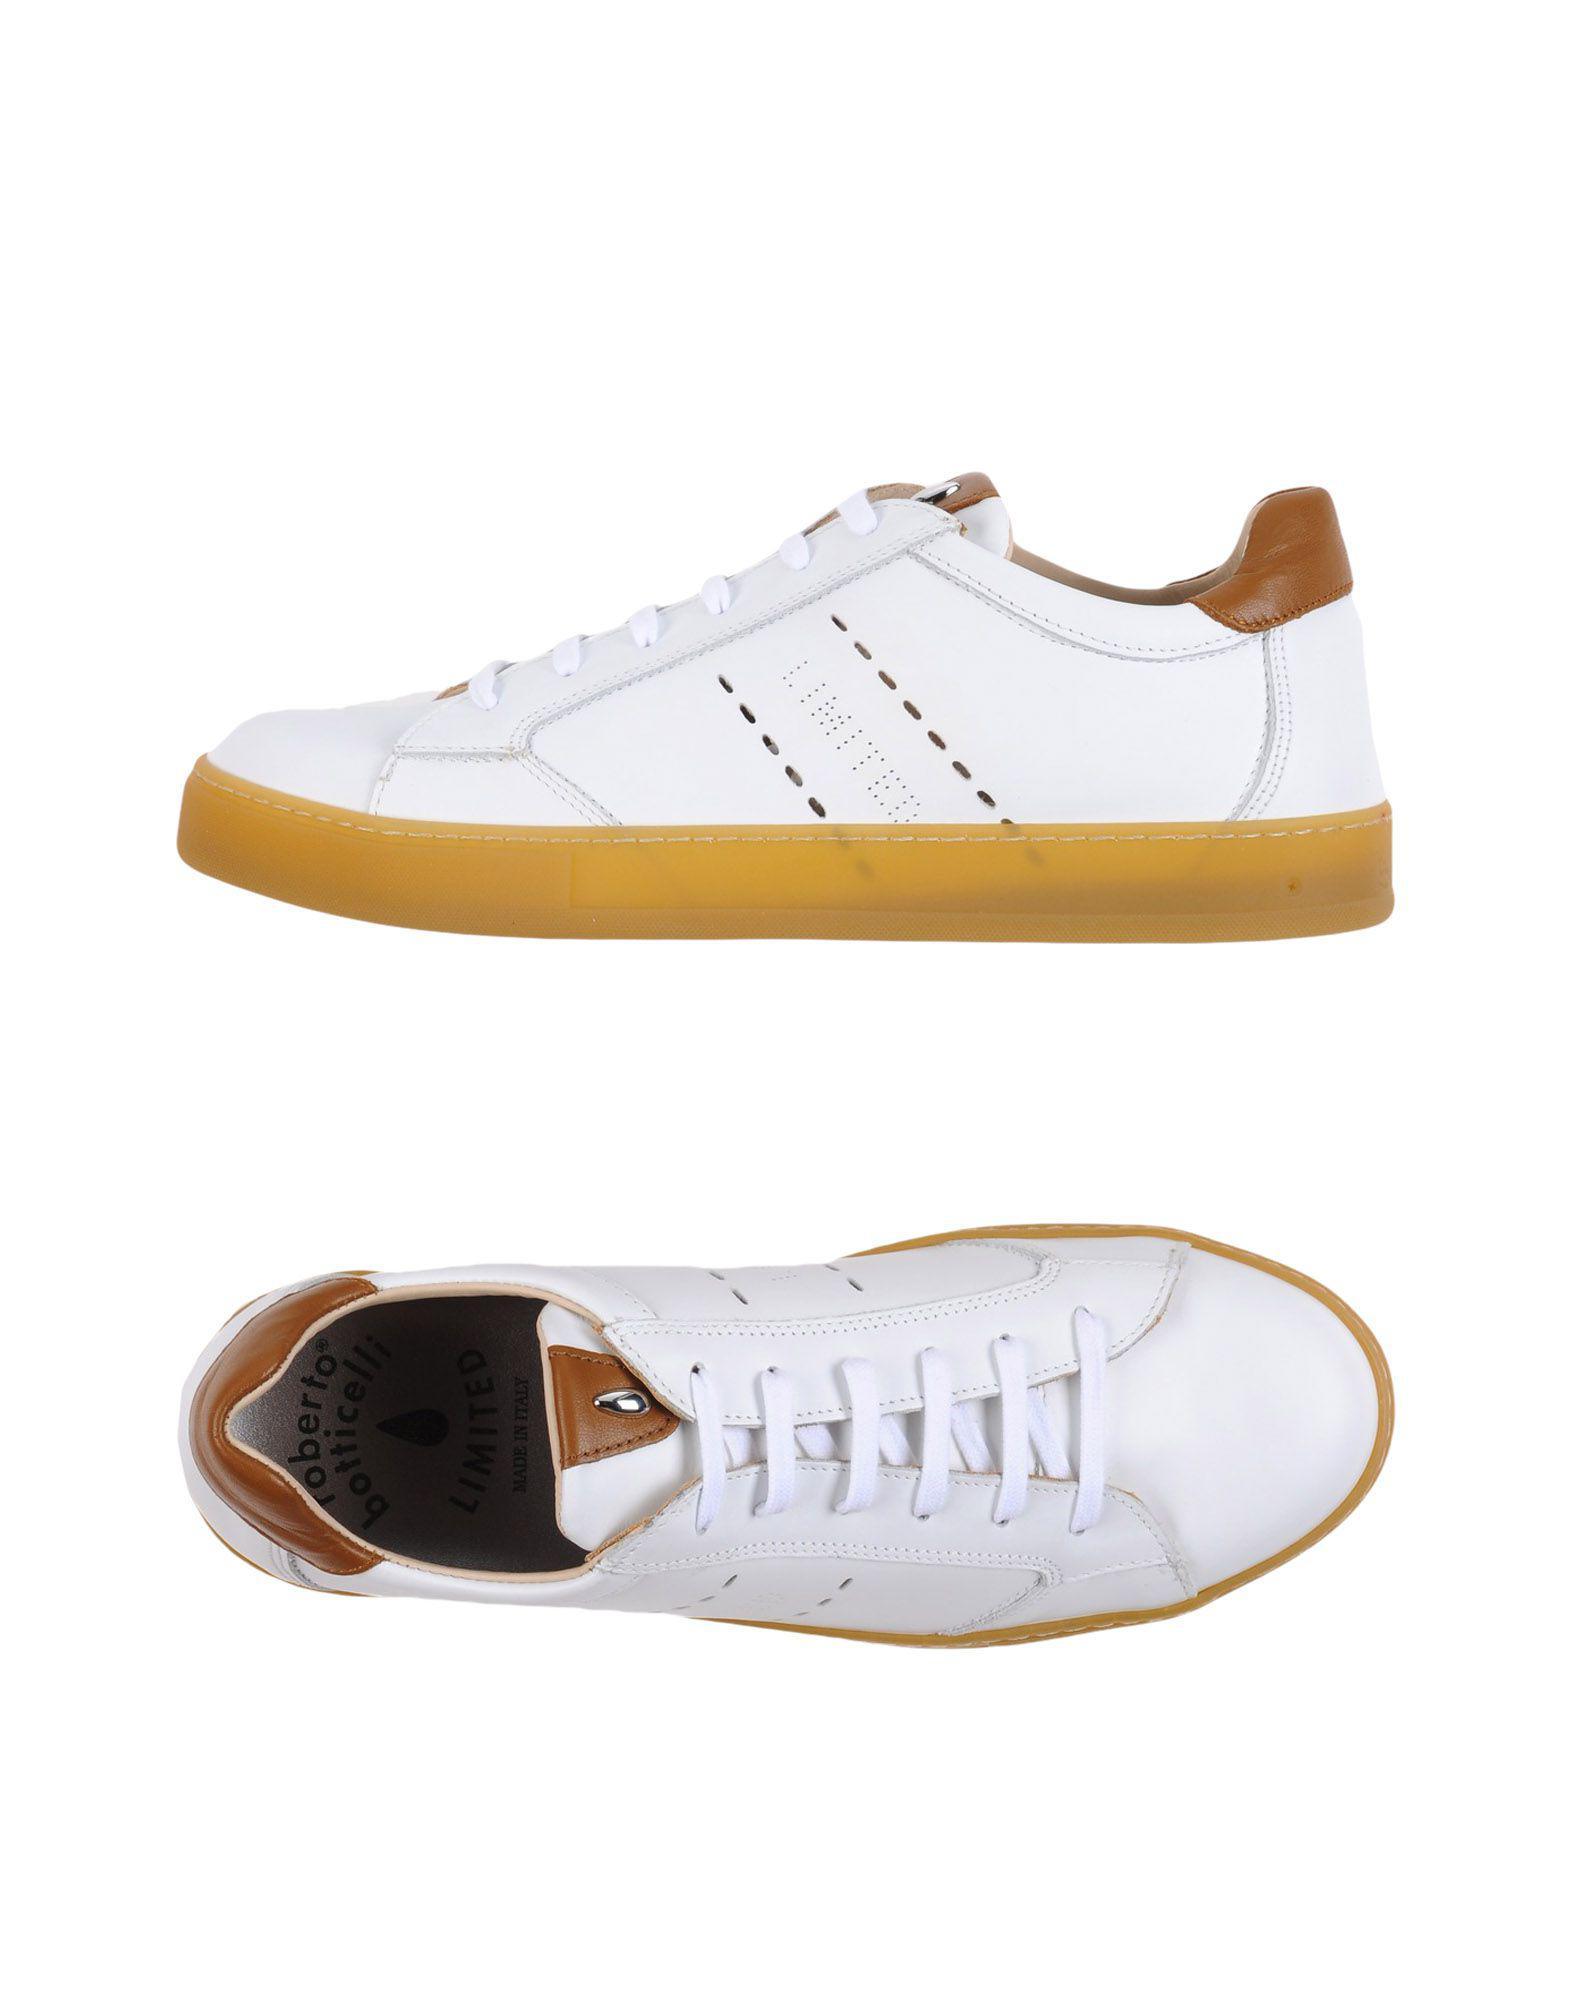 FOOTWEAR - Low-tops & sneakers Botticelli Limited K5iLsmo4